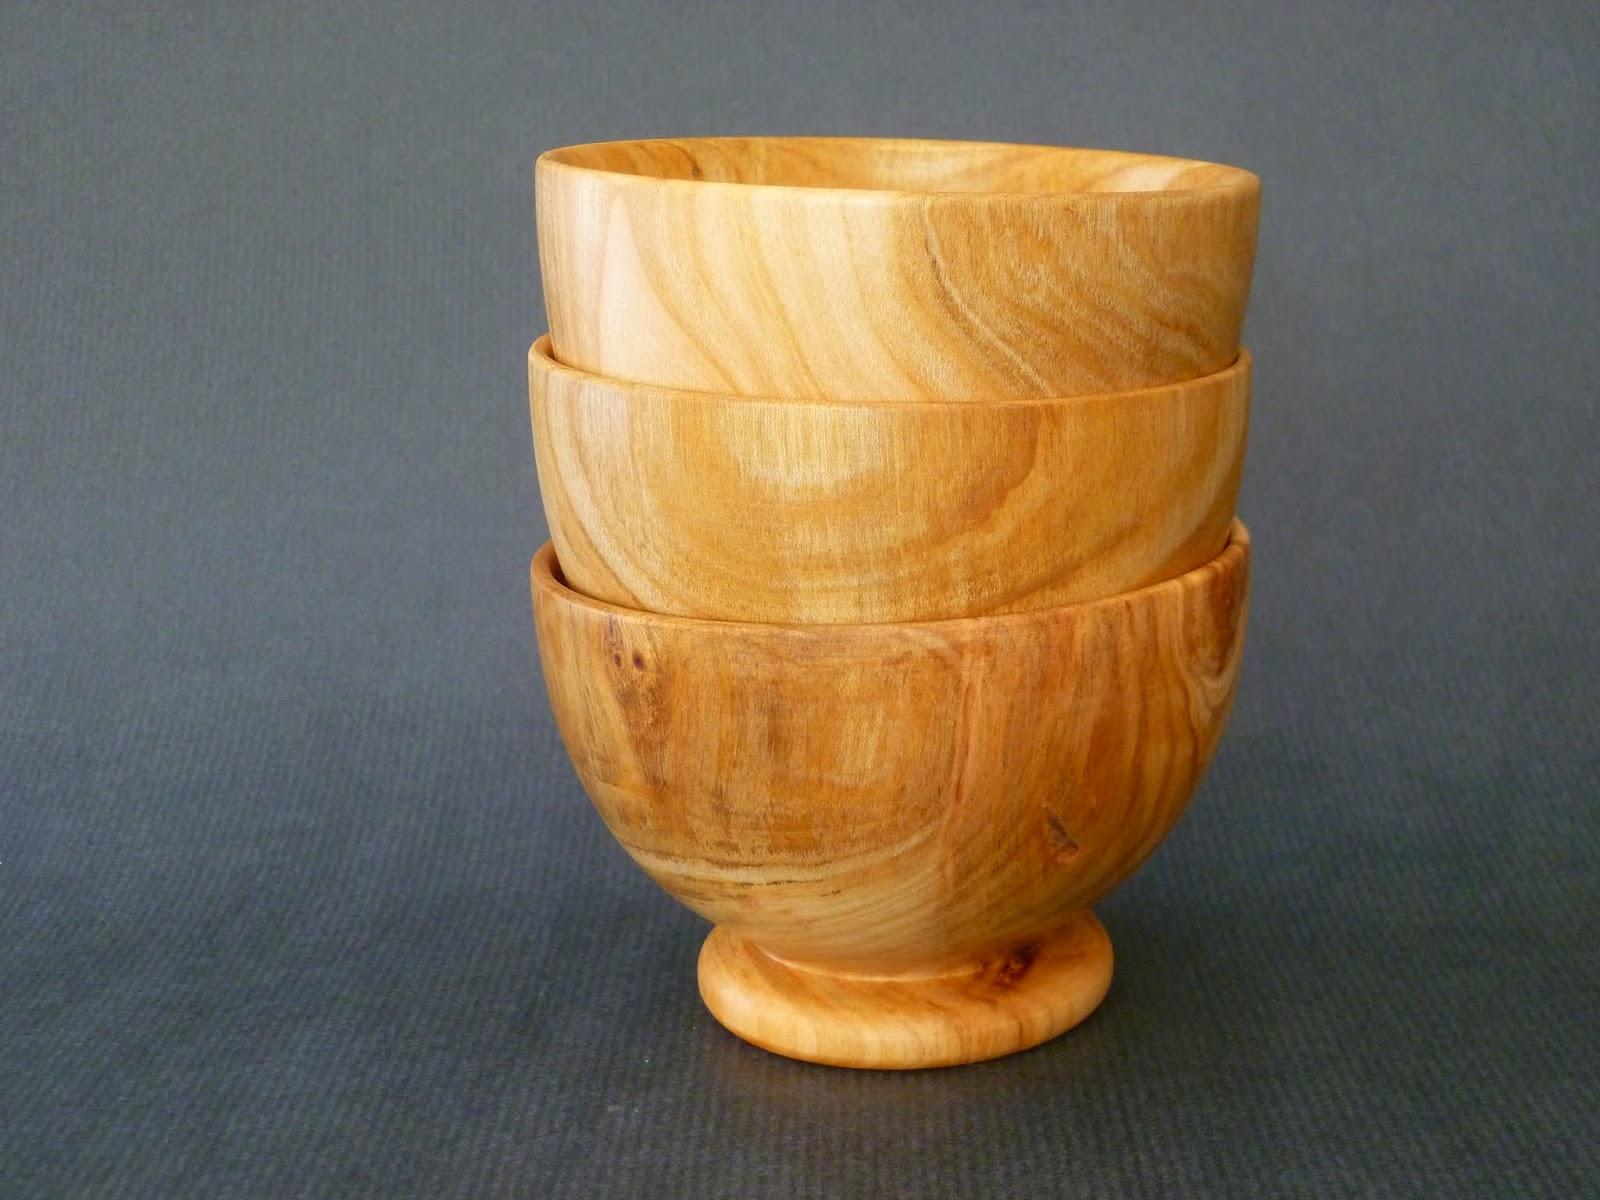 atelier du bois tourn woodturning design les. Black Bedroom Furniture Sets. Home Design Ideas